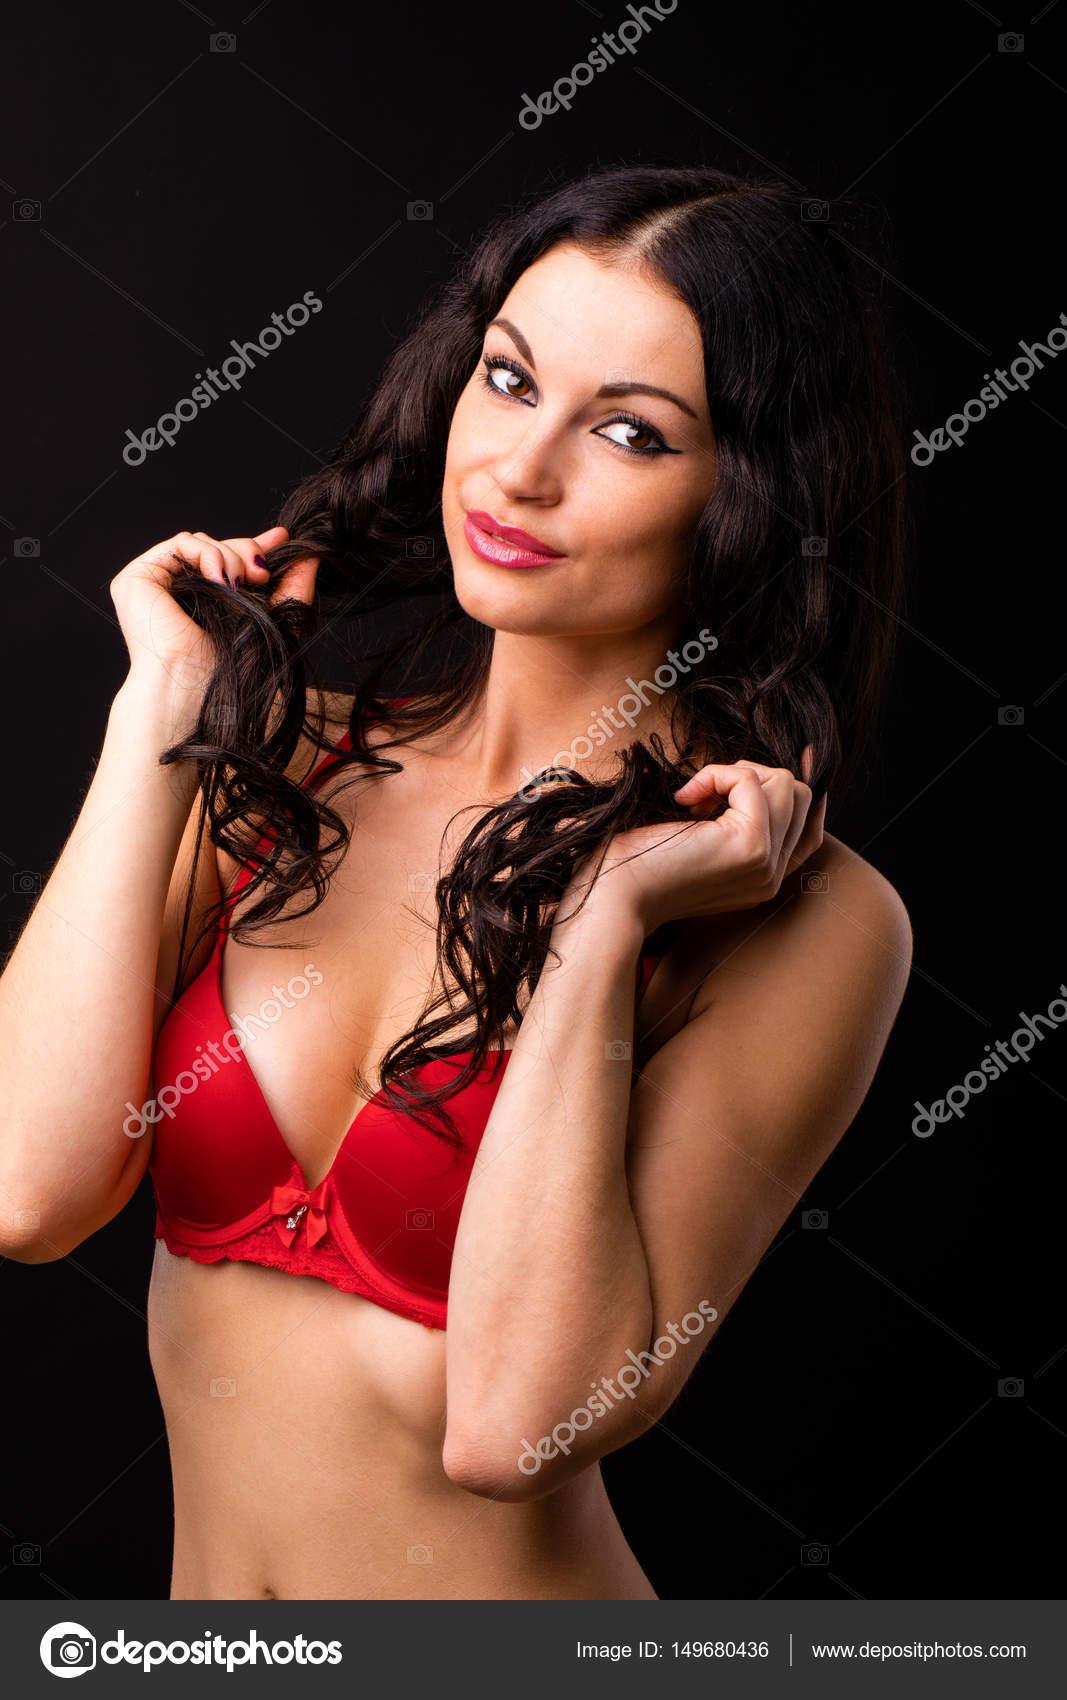 Фото сексуальная девушка брюнетка в милецейской форме